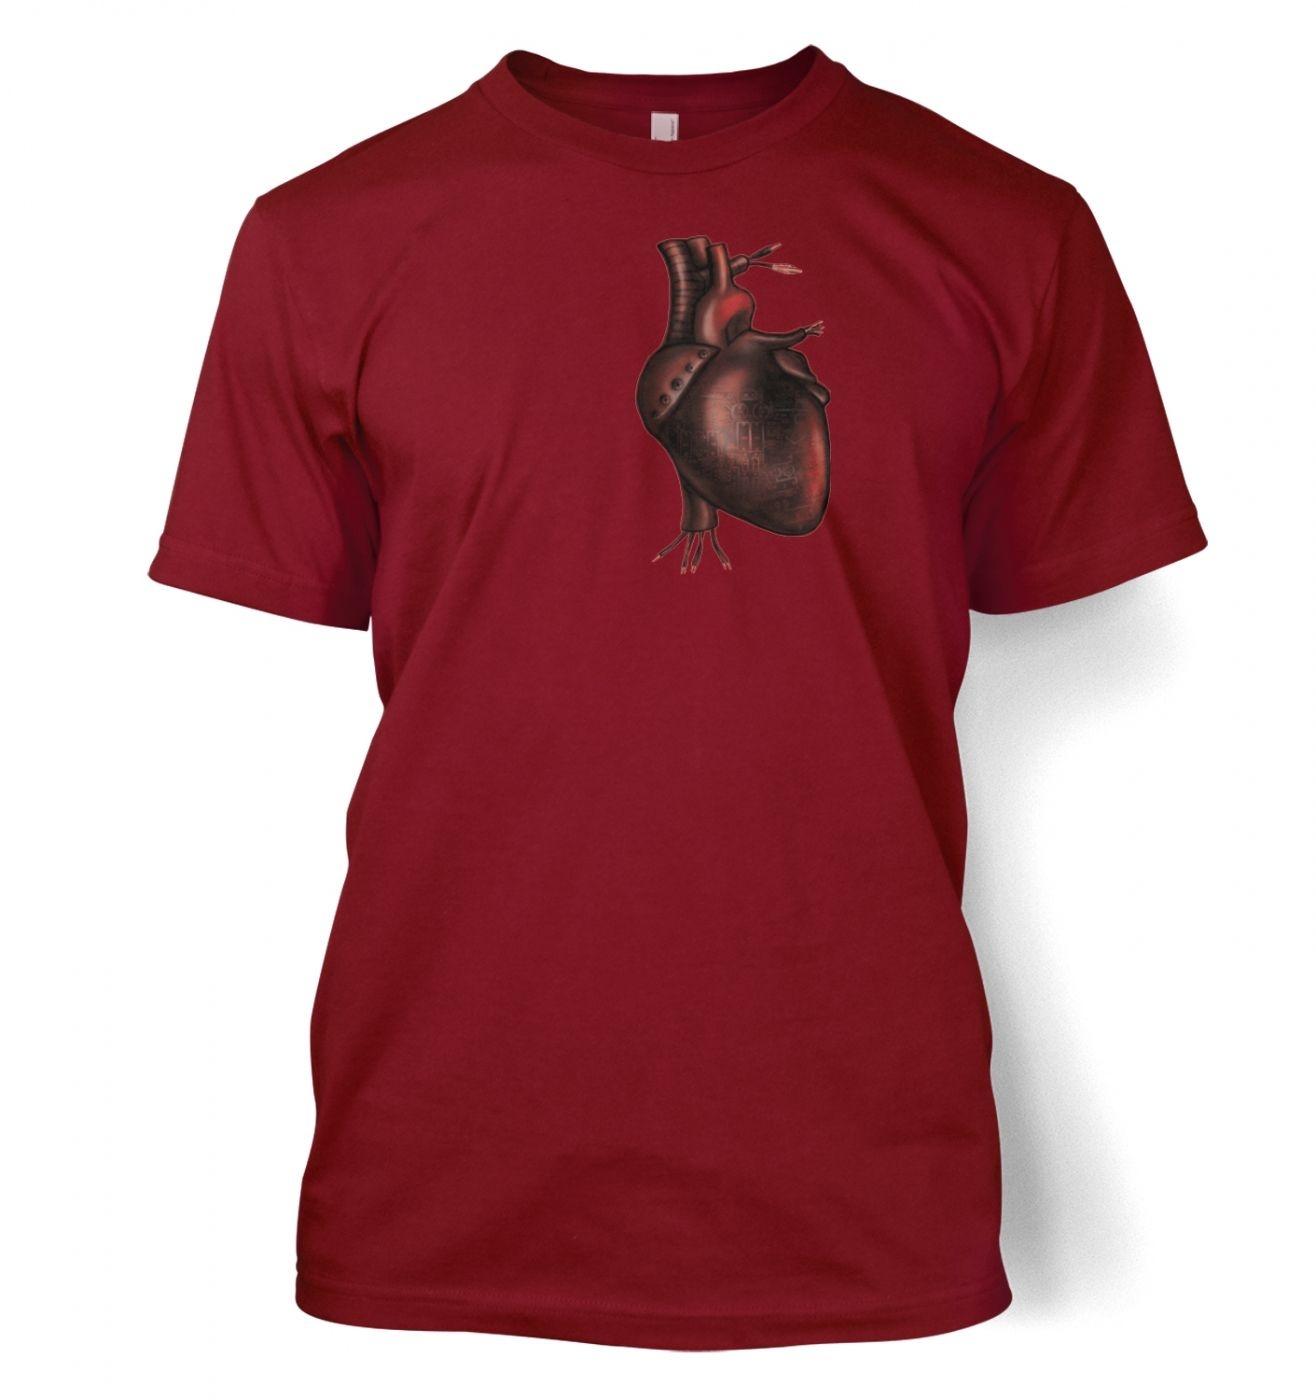 Electronic Heart t-shirt